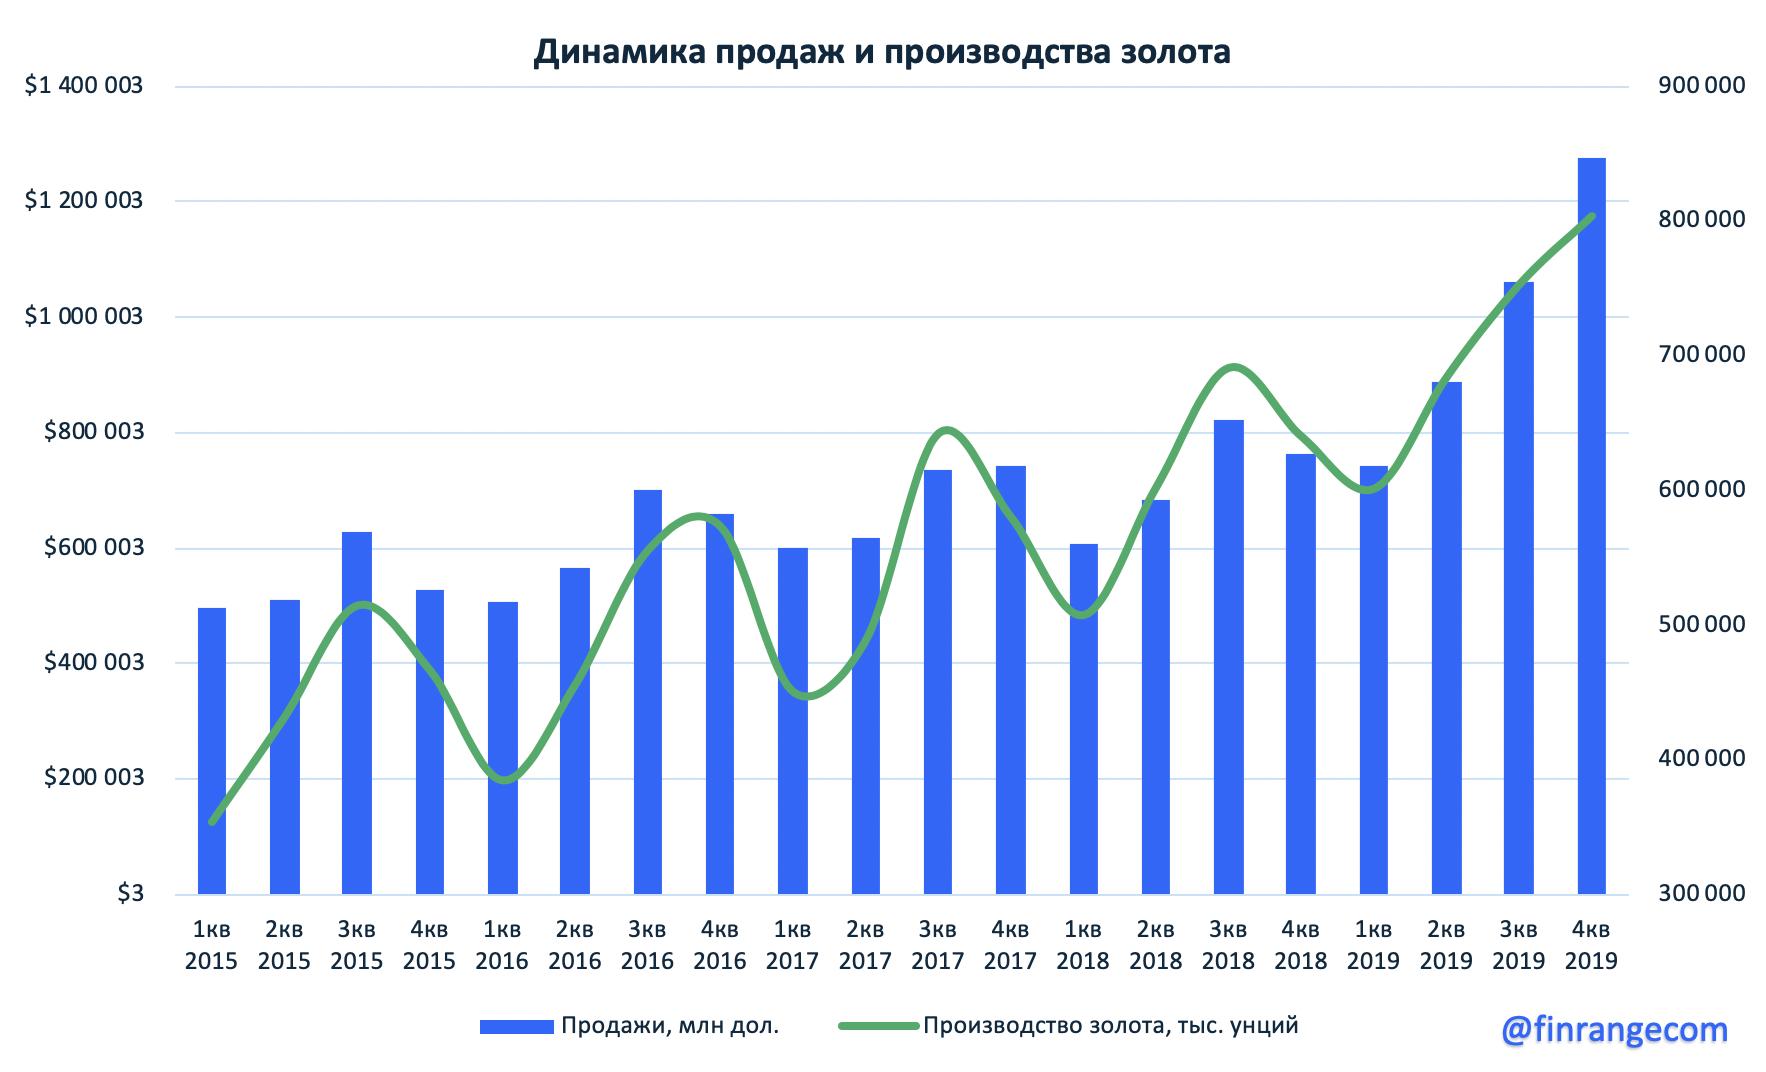 Полюс: производственные результаты за 2019 г.